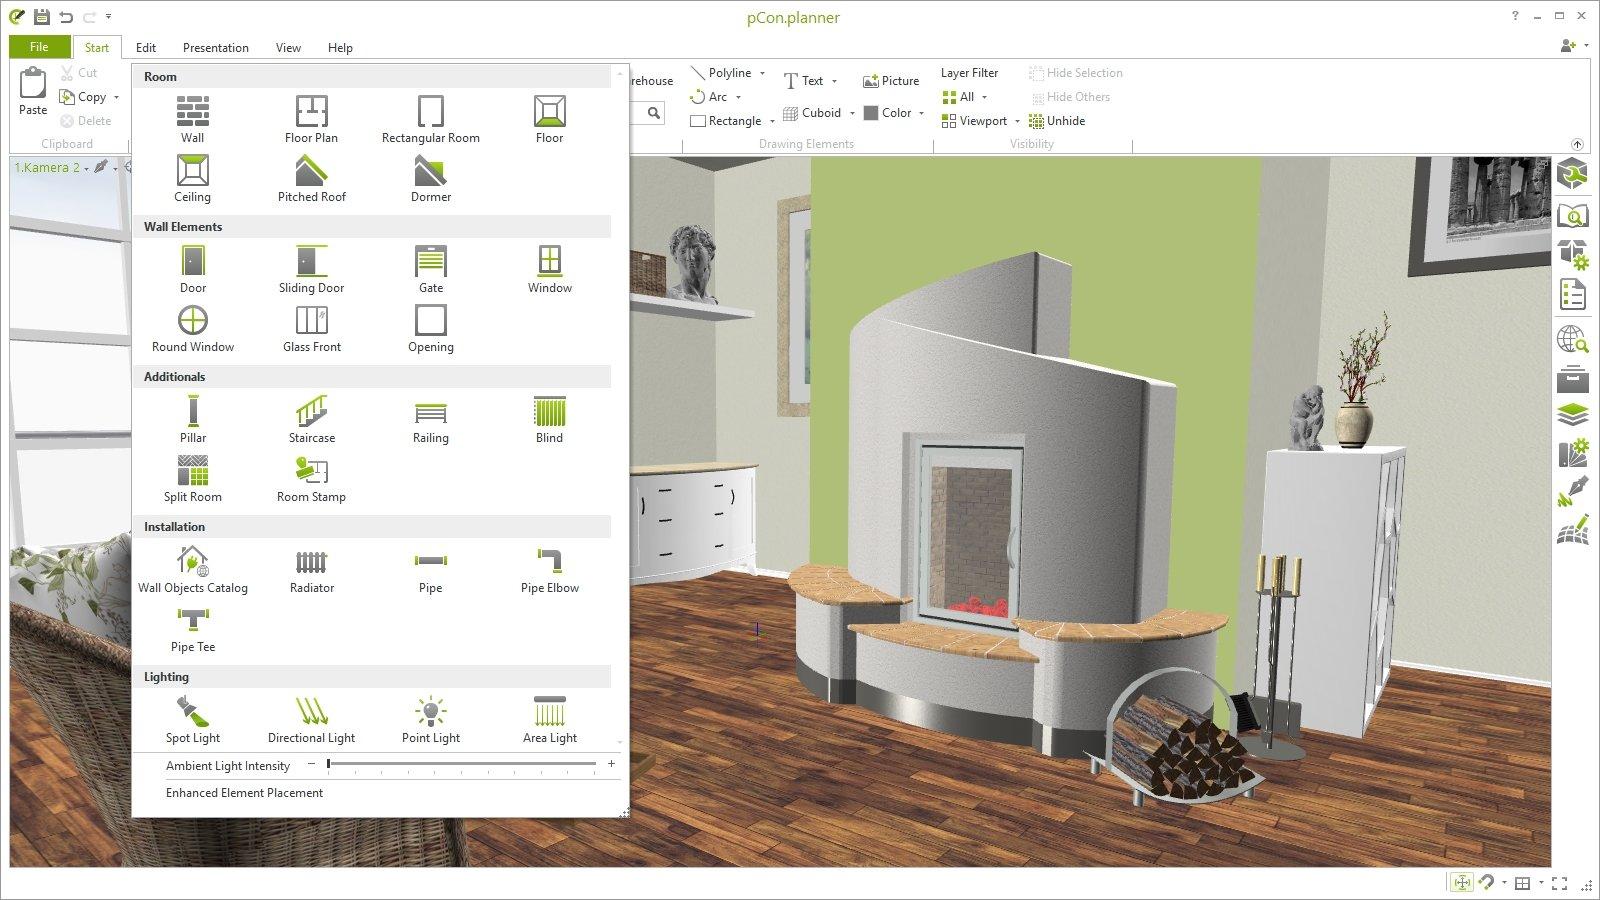 Descargar Pcon Planner 7 6 Gratis En Espa Ol ~ Programa De Diseño De Interiores Gratis En Español